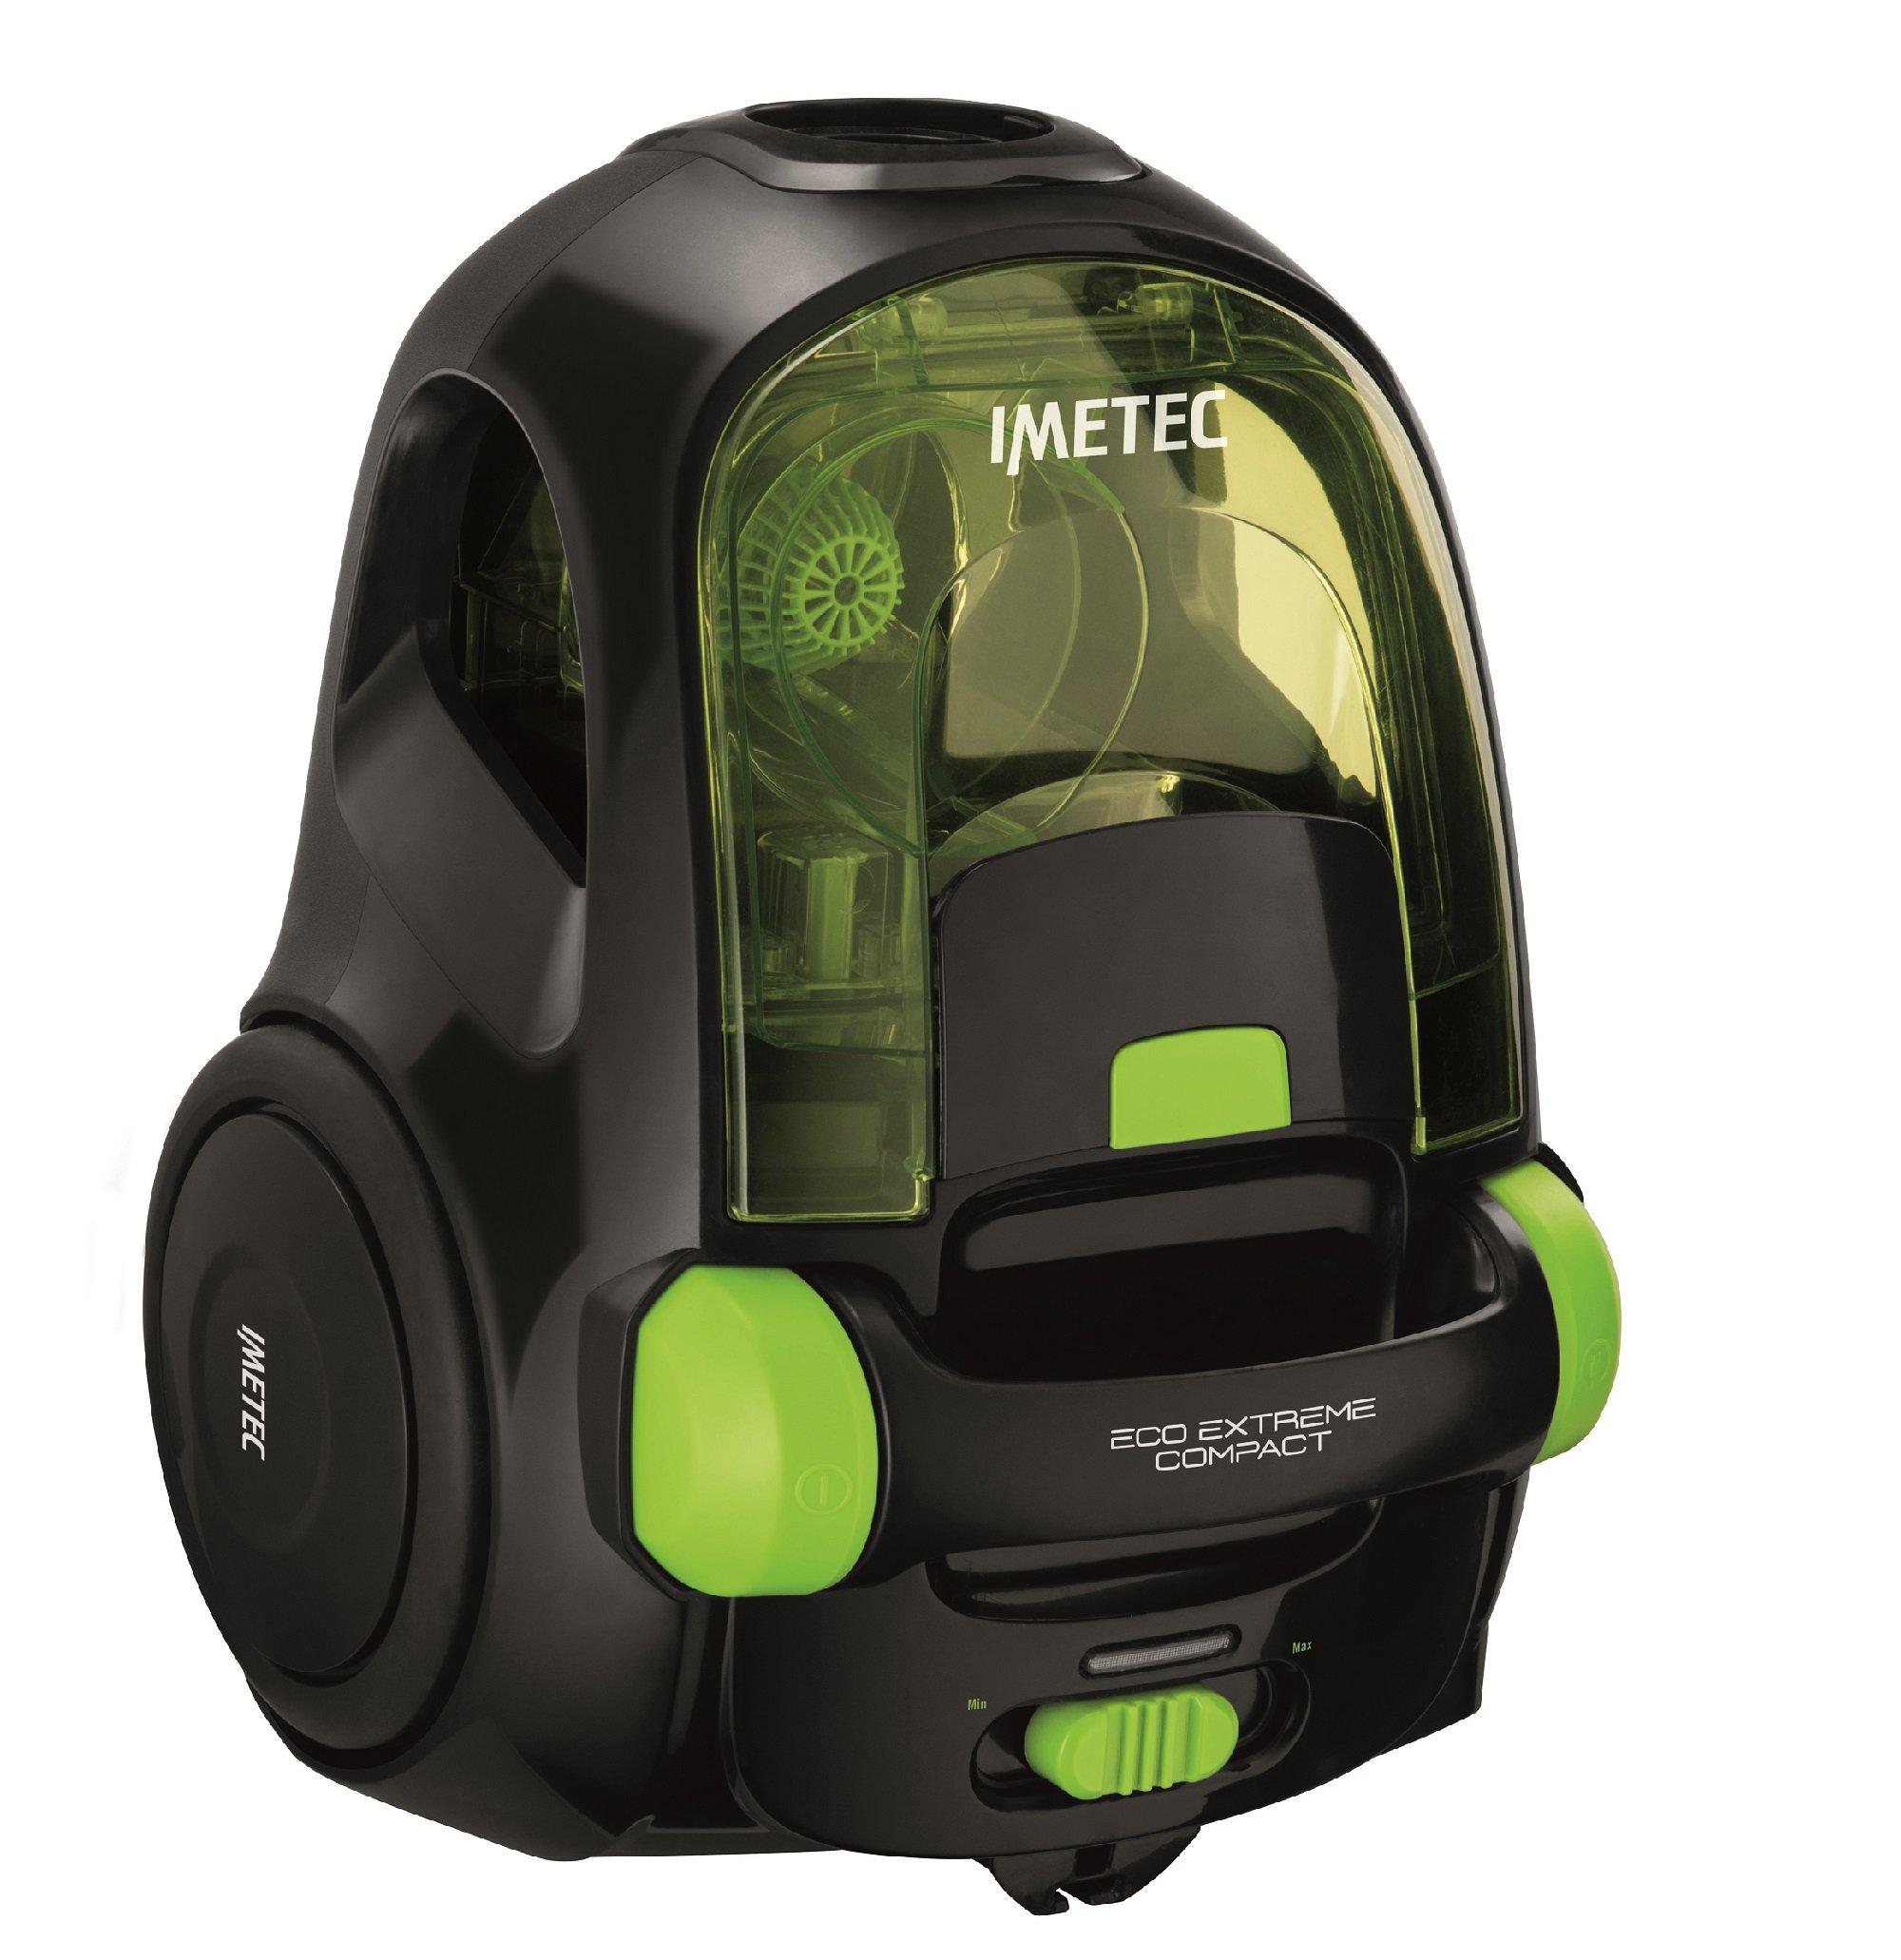 IMETEC Eco Extreme Compact - Aspirador, clase A, 700 W, tecnología ciclónica, color negro y verde: Amazon.es: Hogar